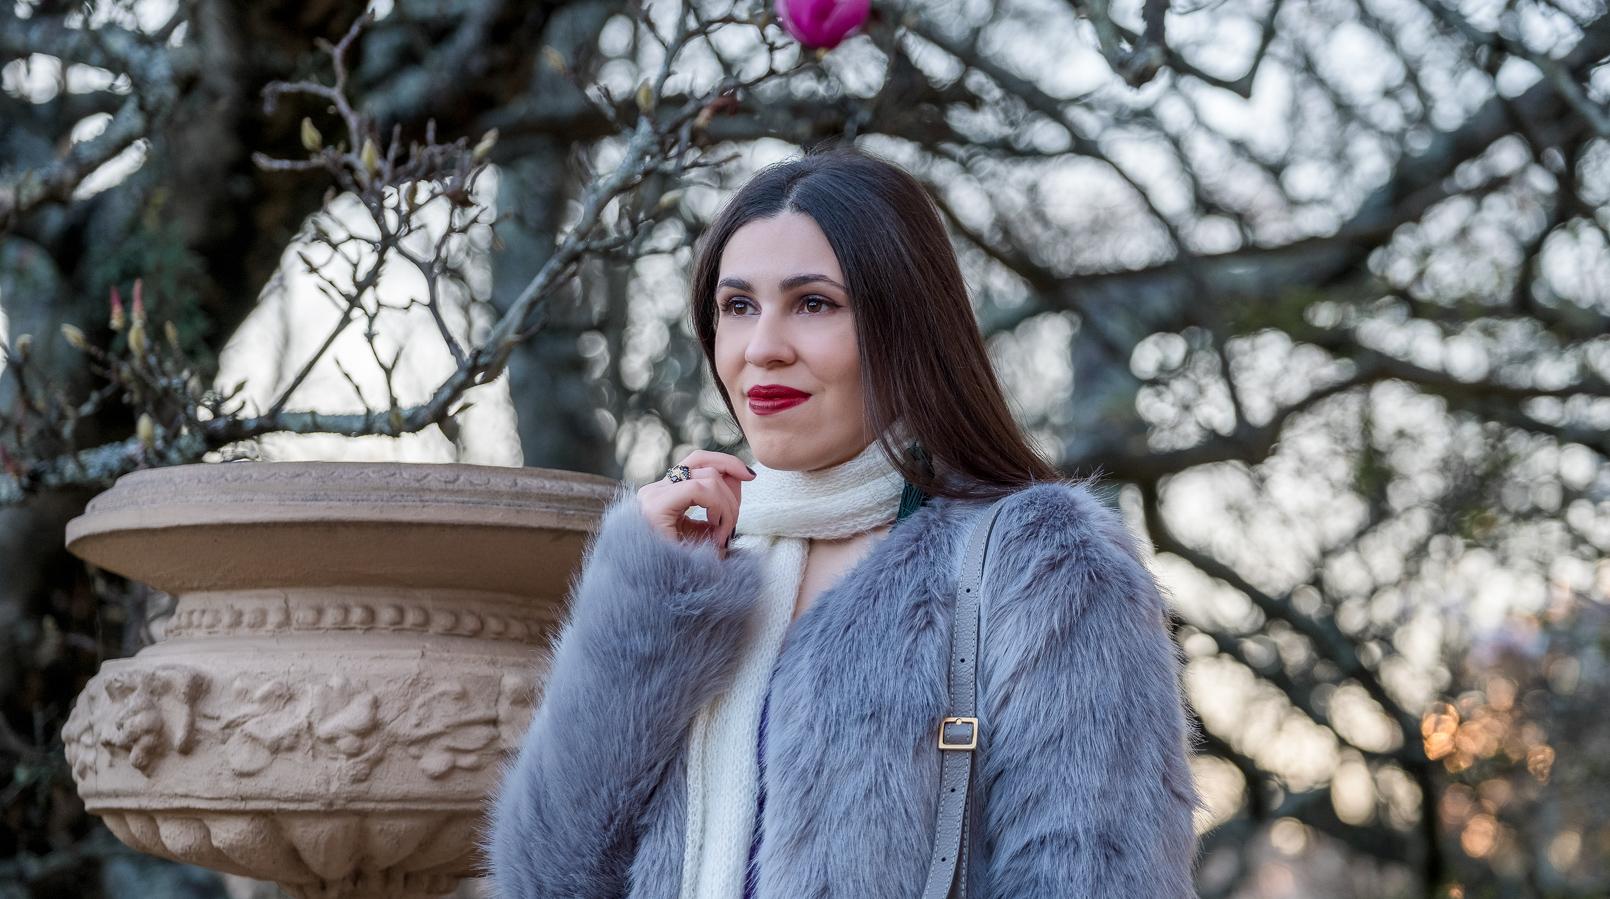 Le Fashionaire O que podemos aprender com o vídeo da Lovely Pepa casaco pelos azul ceu bershka cachecol branco pompom antigo 8818F PT